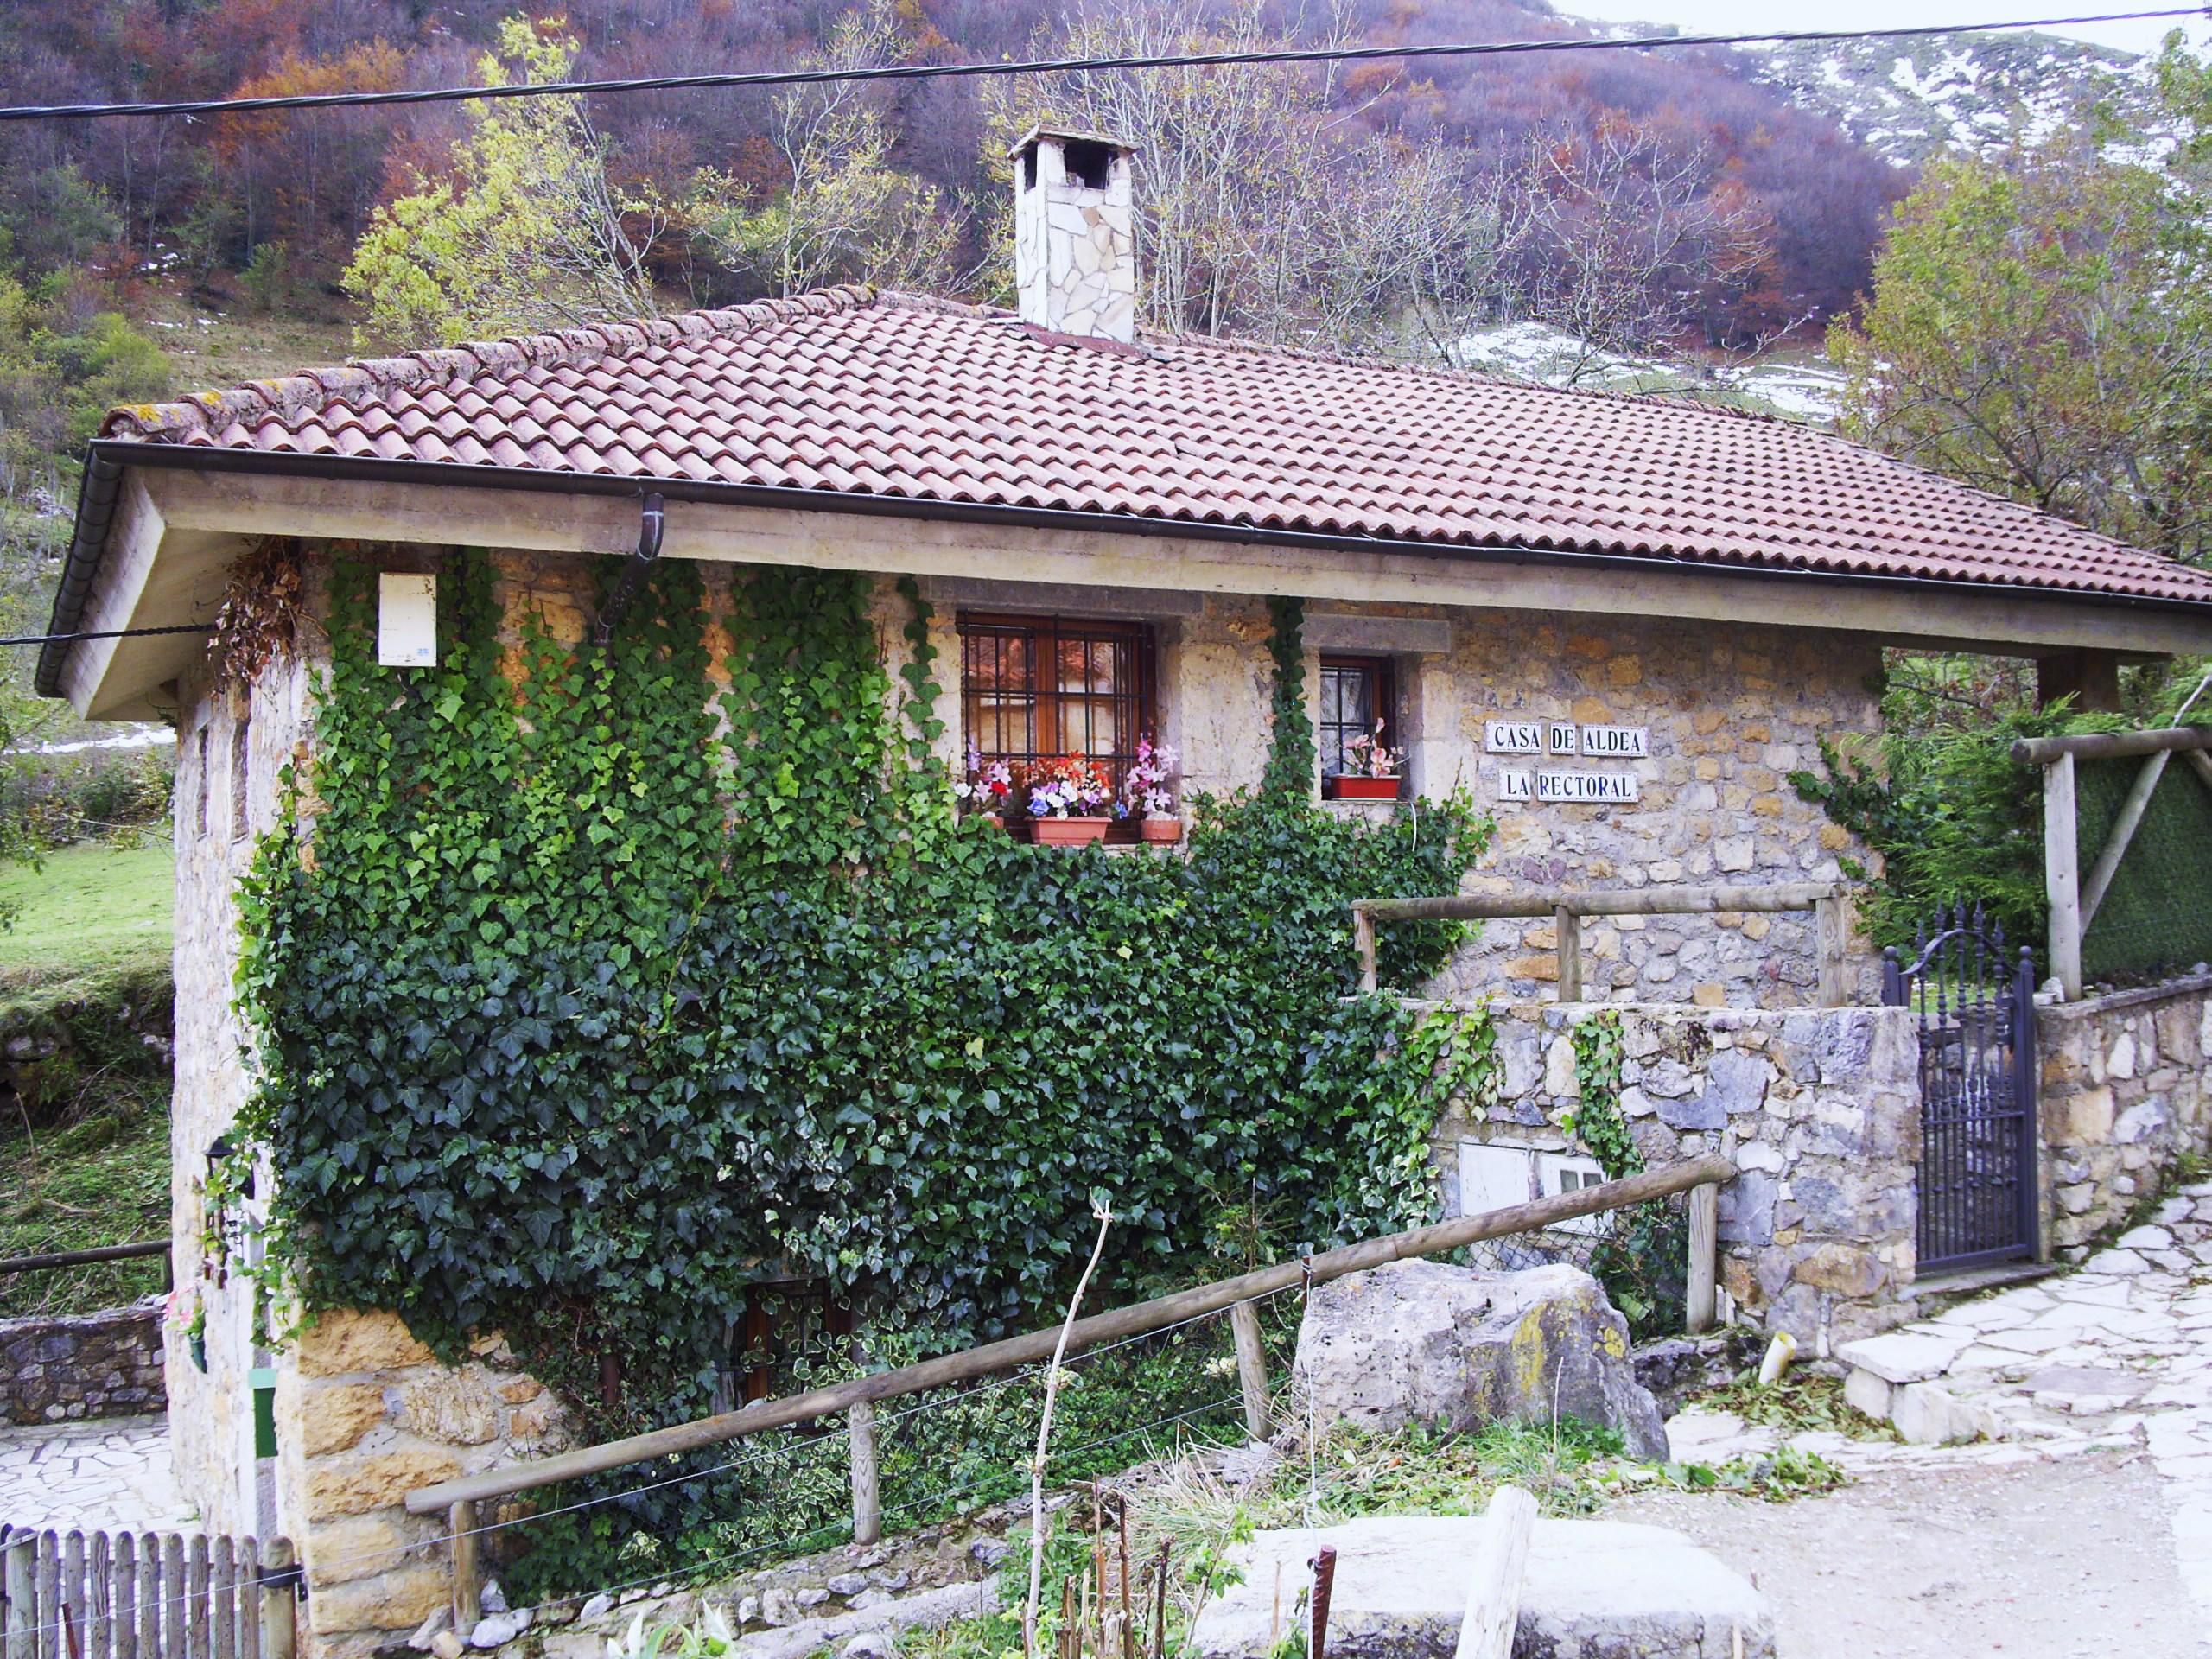 Casa de aldea la rectoral turasturias turismo rural en asturias - Casas de aldea asturias ...